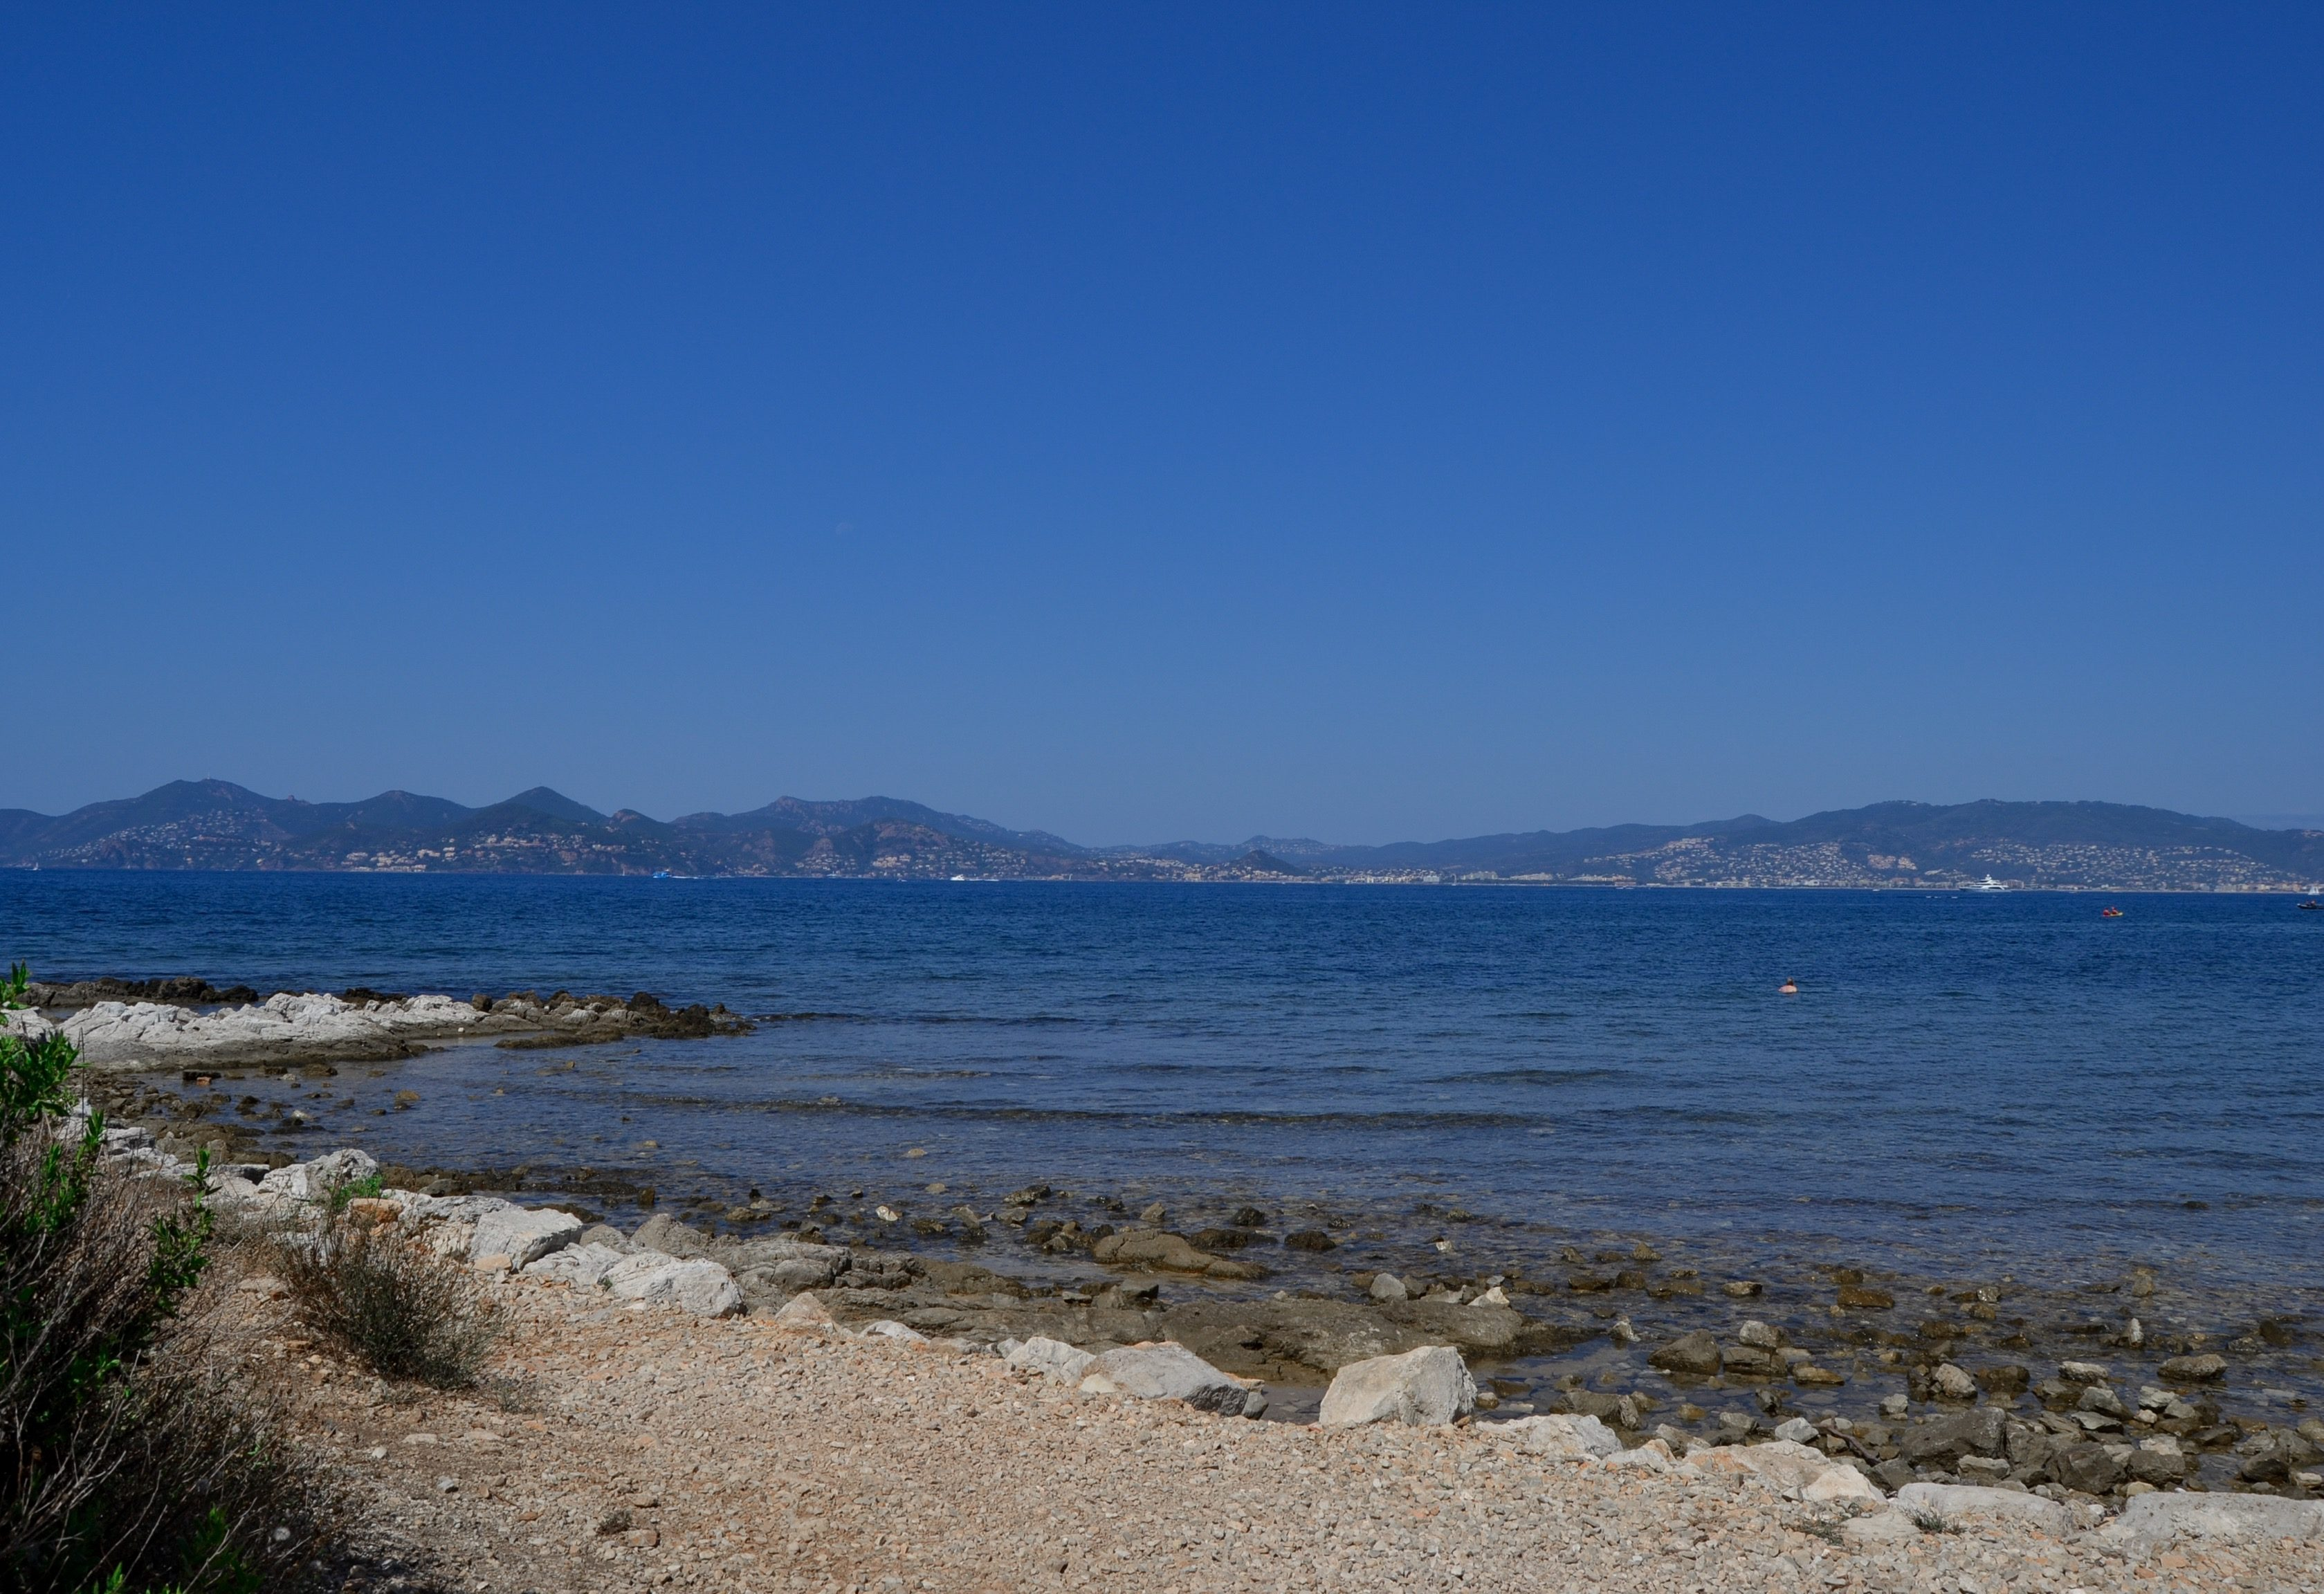 ile-sainte-marguerite-cannes-blog-voyage-les-ptits-touristes-4